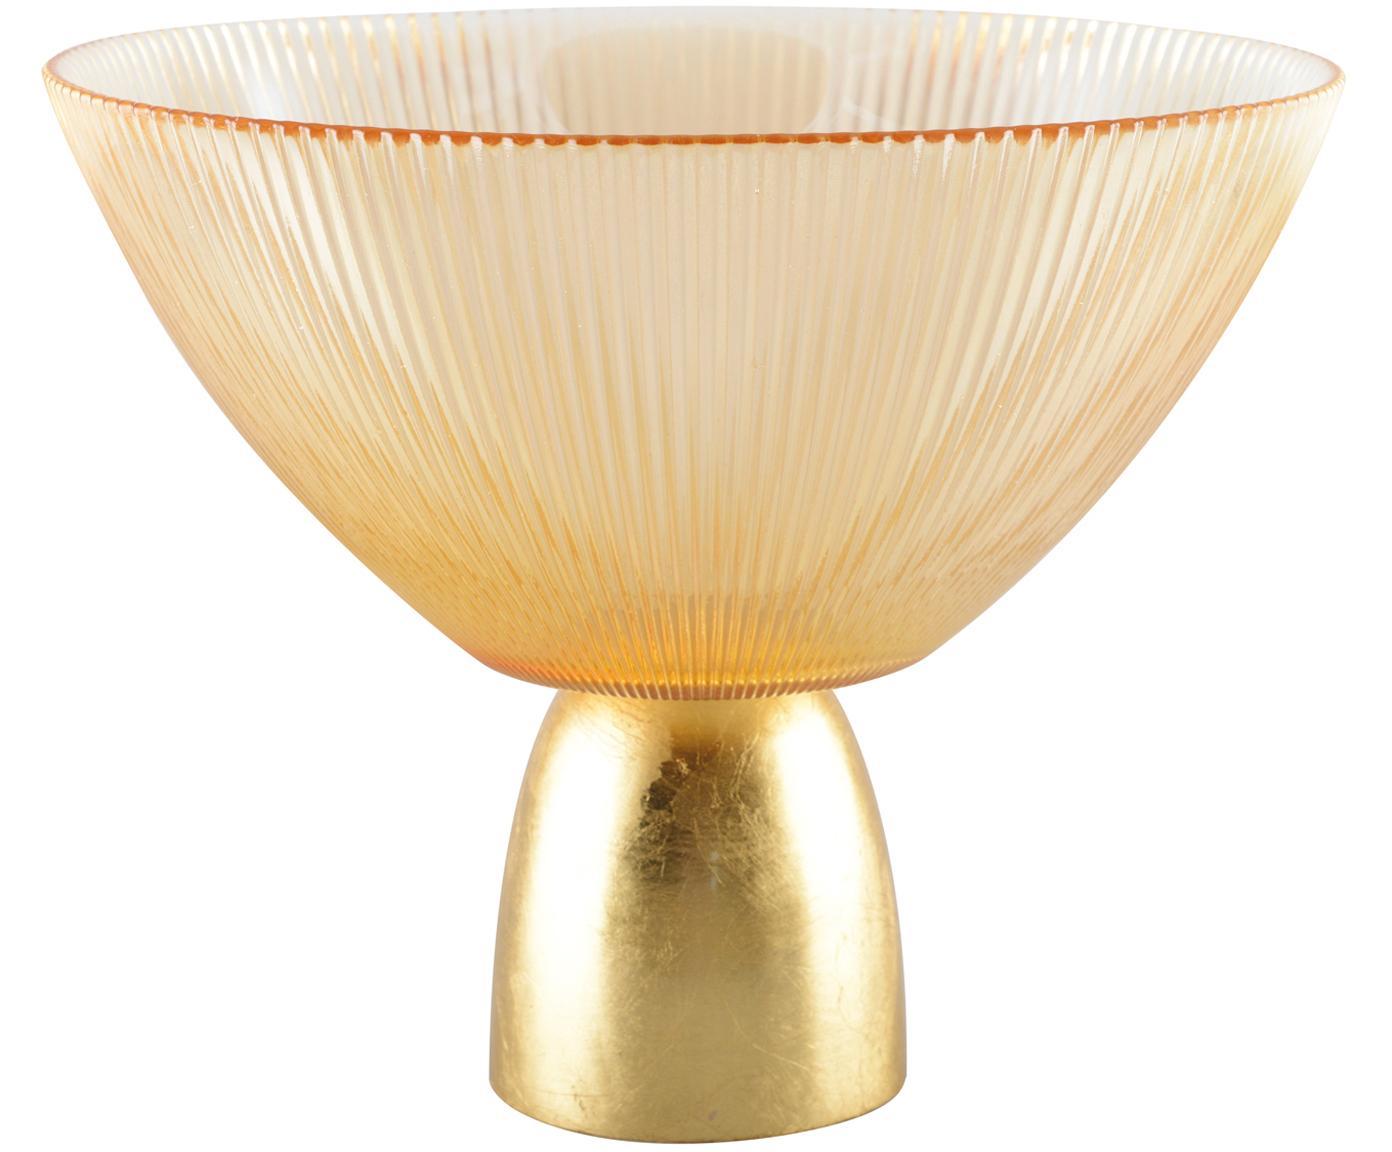 Miska dekoracyjna Luster, Szkło, metal, Odcienie bursztynowego, transparentny, odcienie złotego, Ø 22 cm